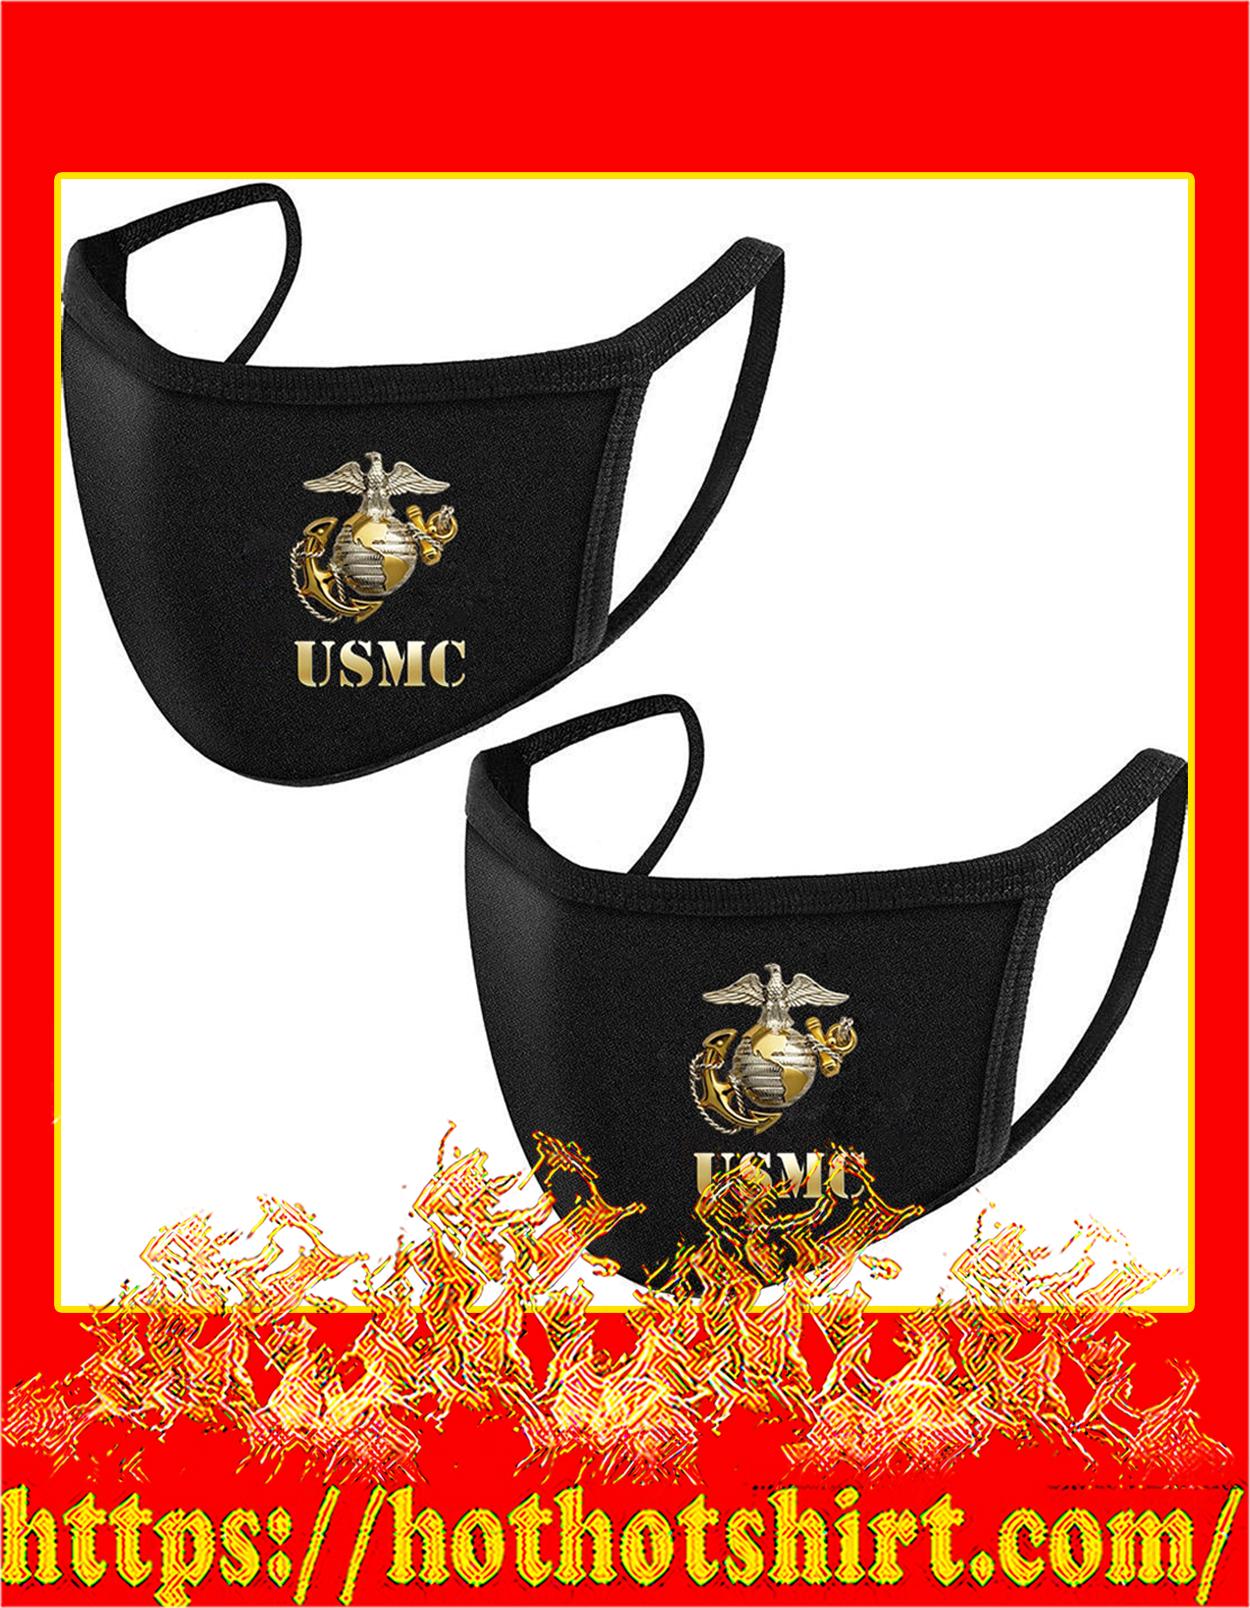 USMC Marine corps face mask - detail